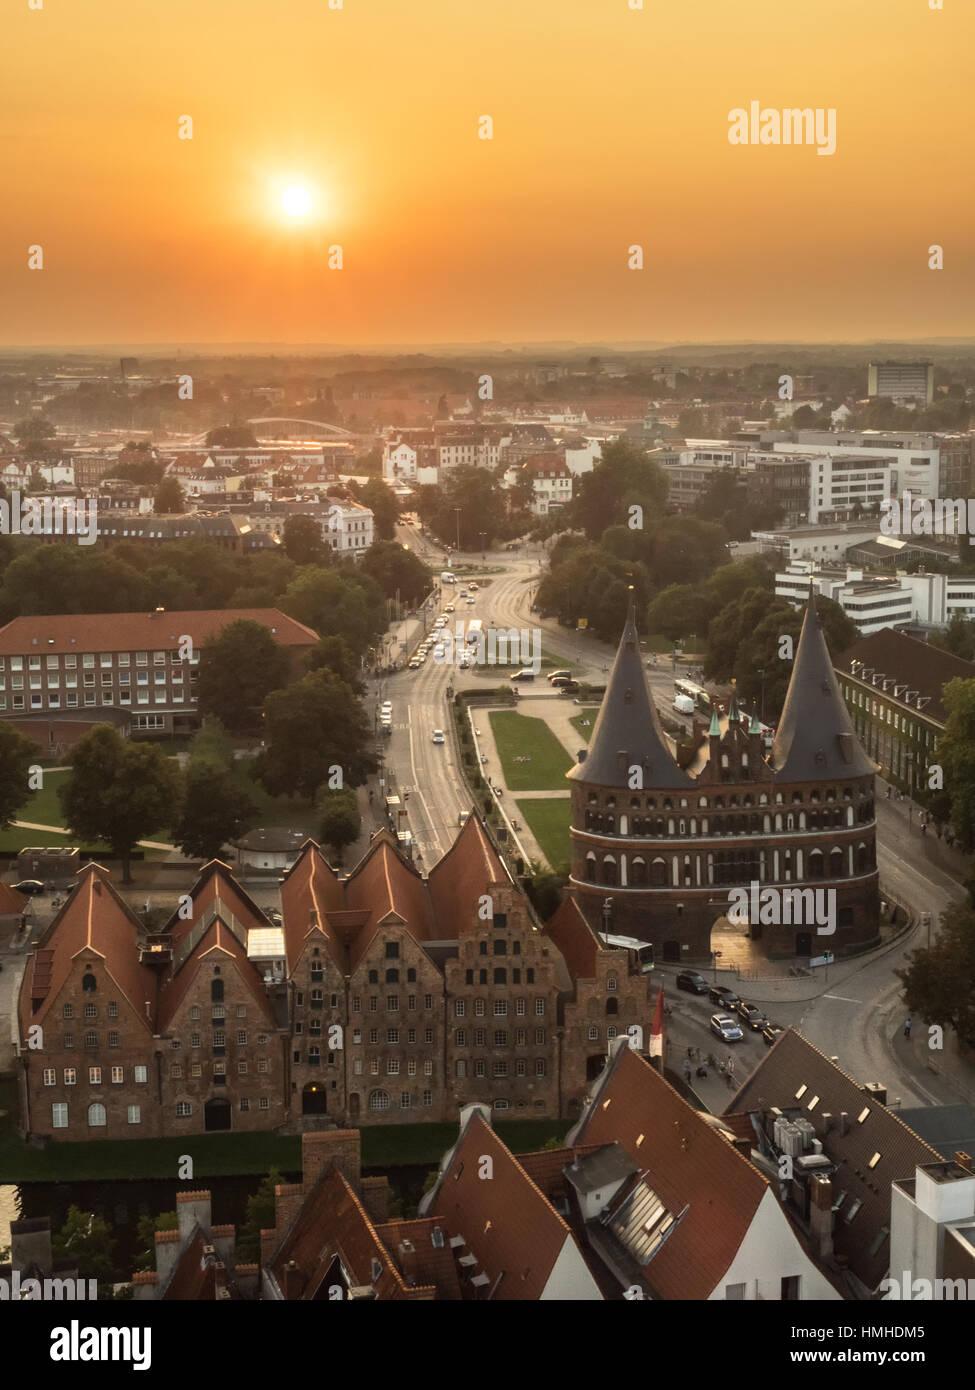 Luftaufnahme der Stadt Lübeck, bei Sonnenuntergang Stockbild